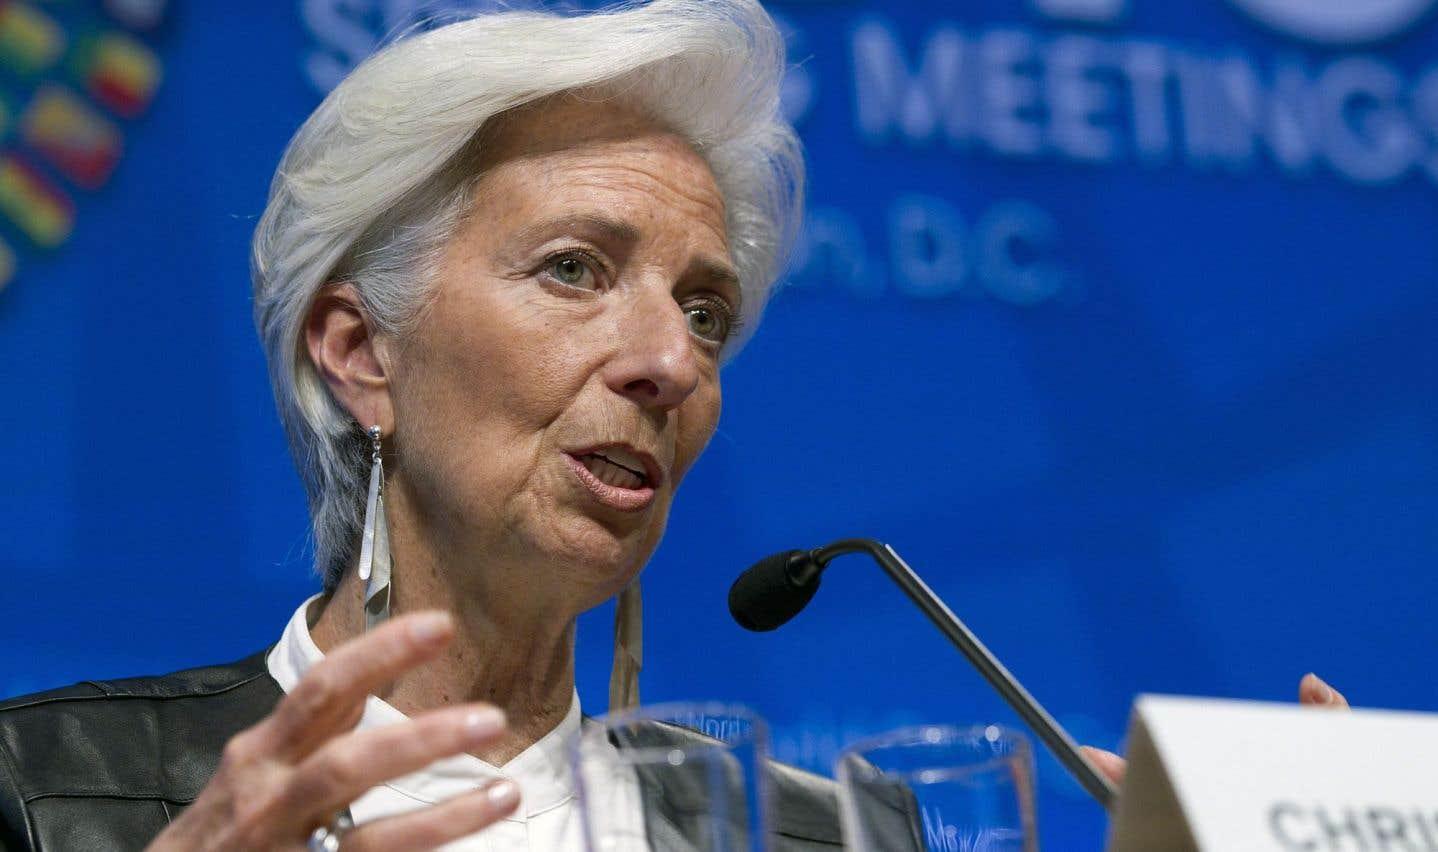 Le FMI optimiste malgré la menace d'une «guerre commerciale»